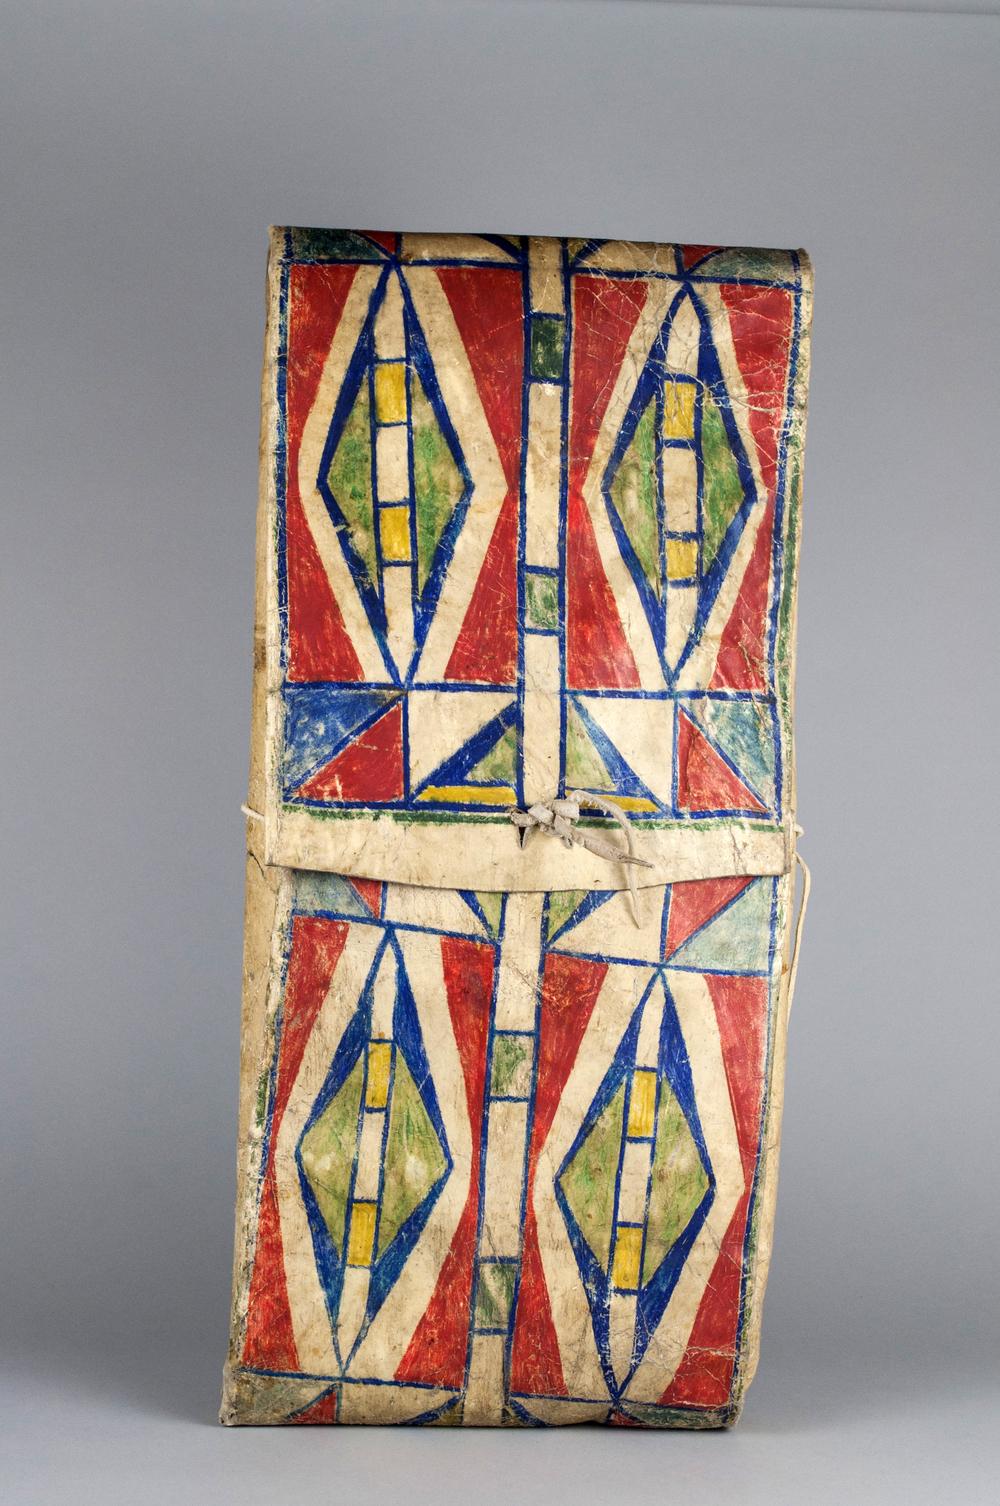 Nez Perce c.1880 CBL0003